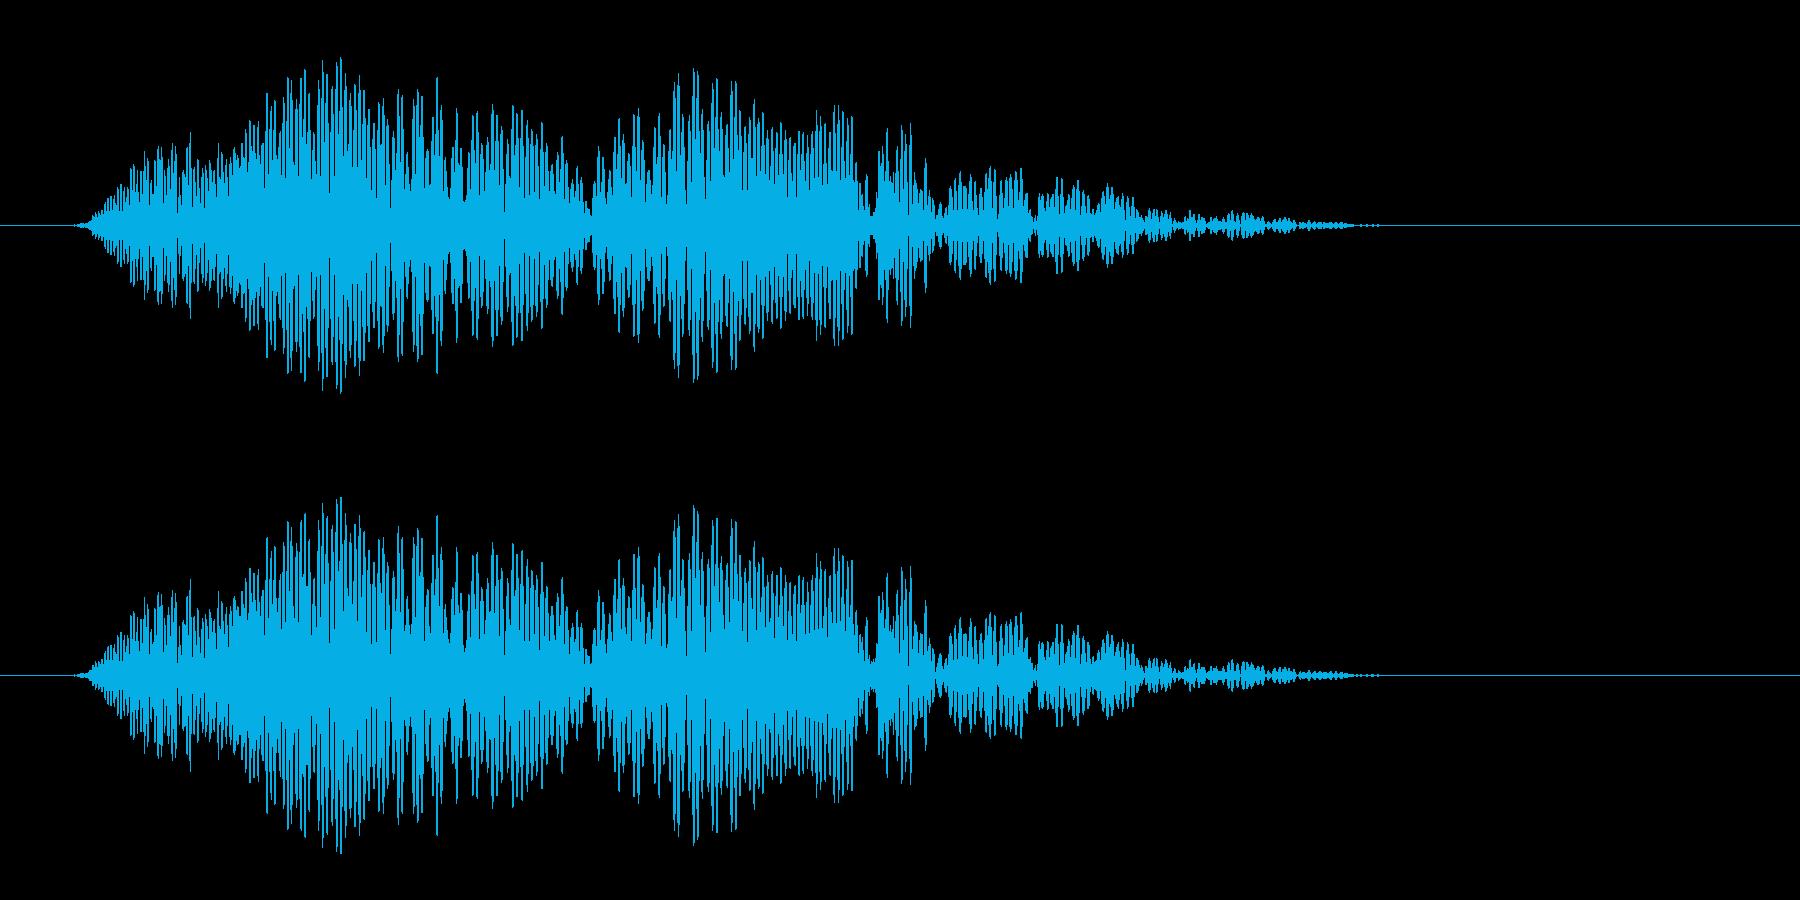 ボヨンと跳ね返るような効果音の再生済みの波形